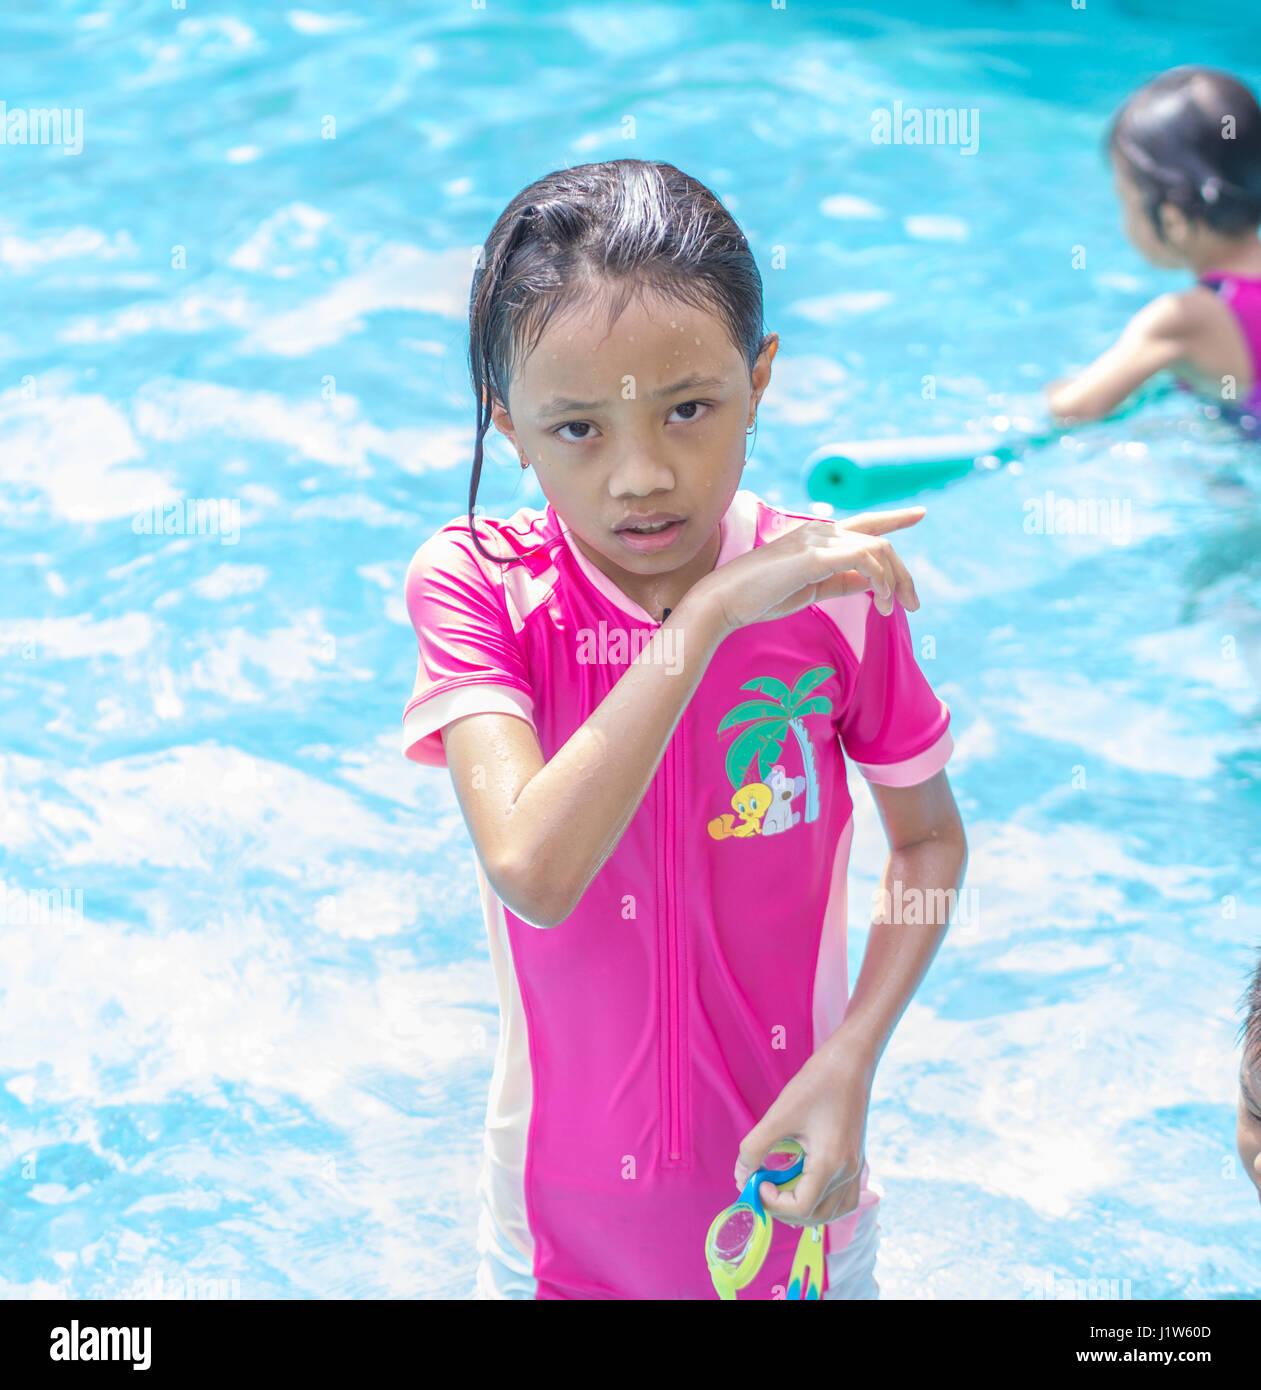 Portrait de jeune fille asiatique coupable (Kid) à la piscine Photo Stock